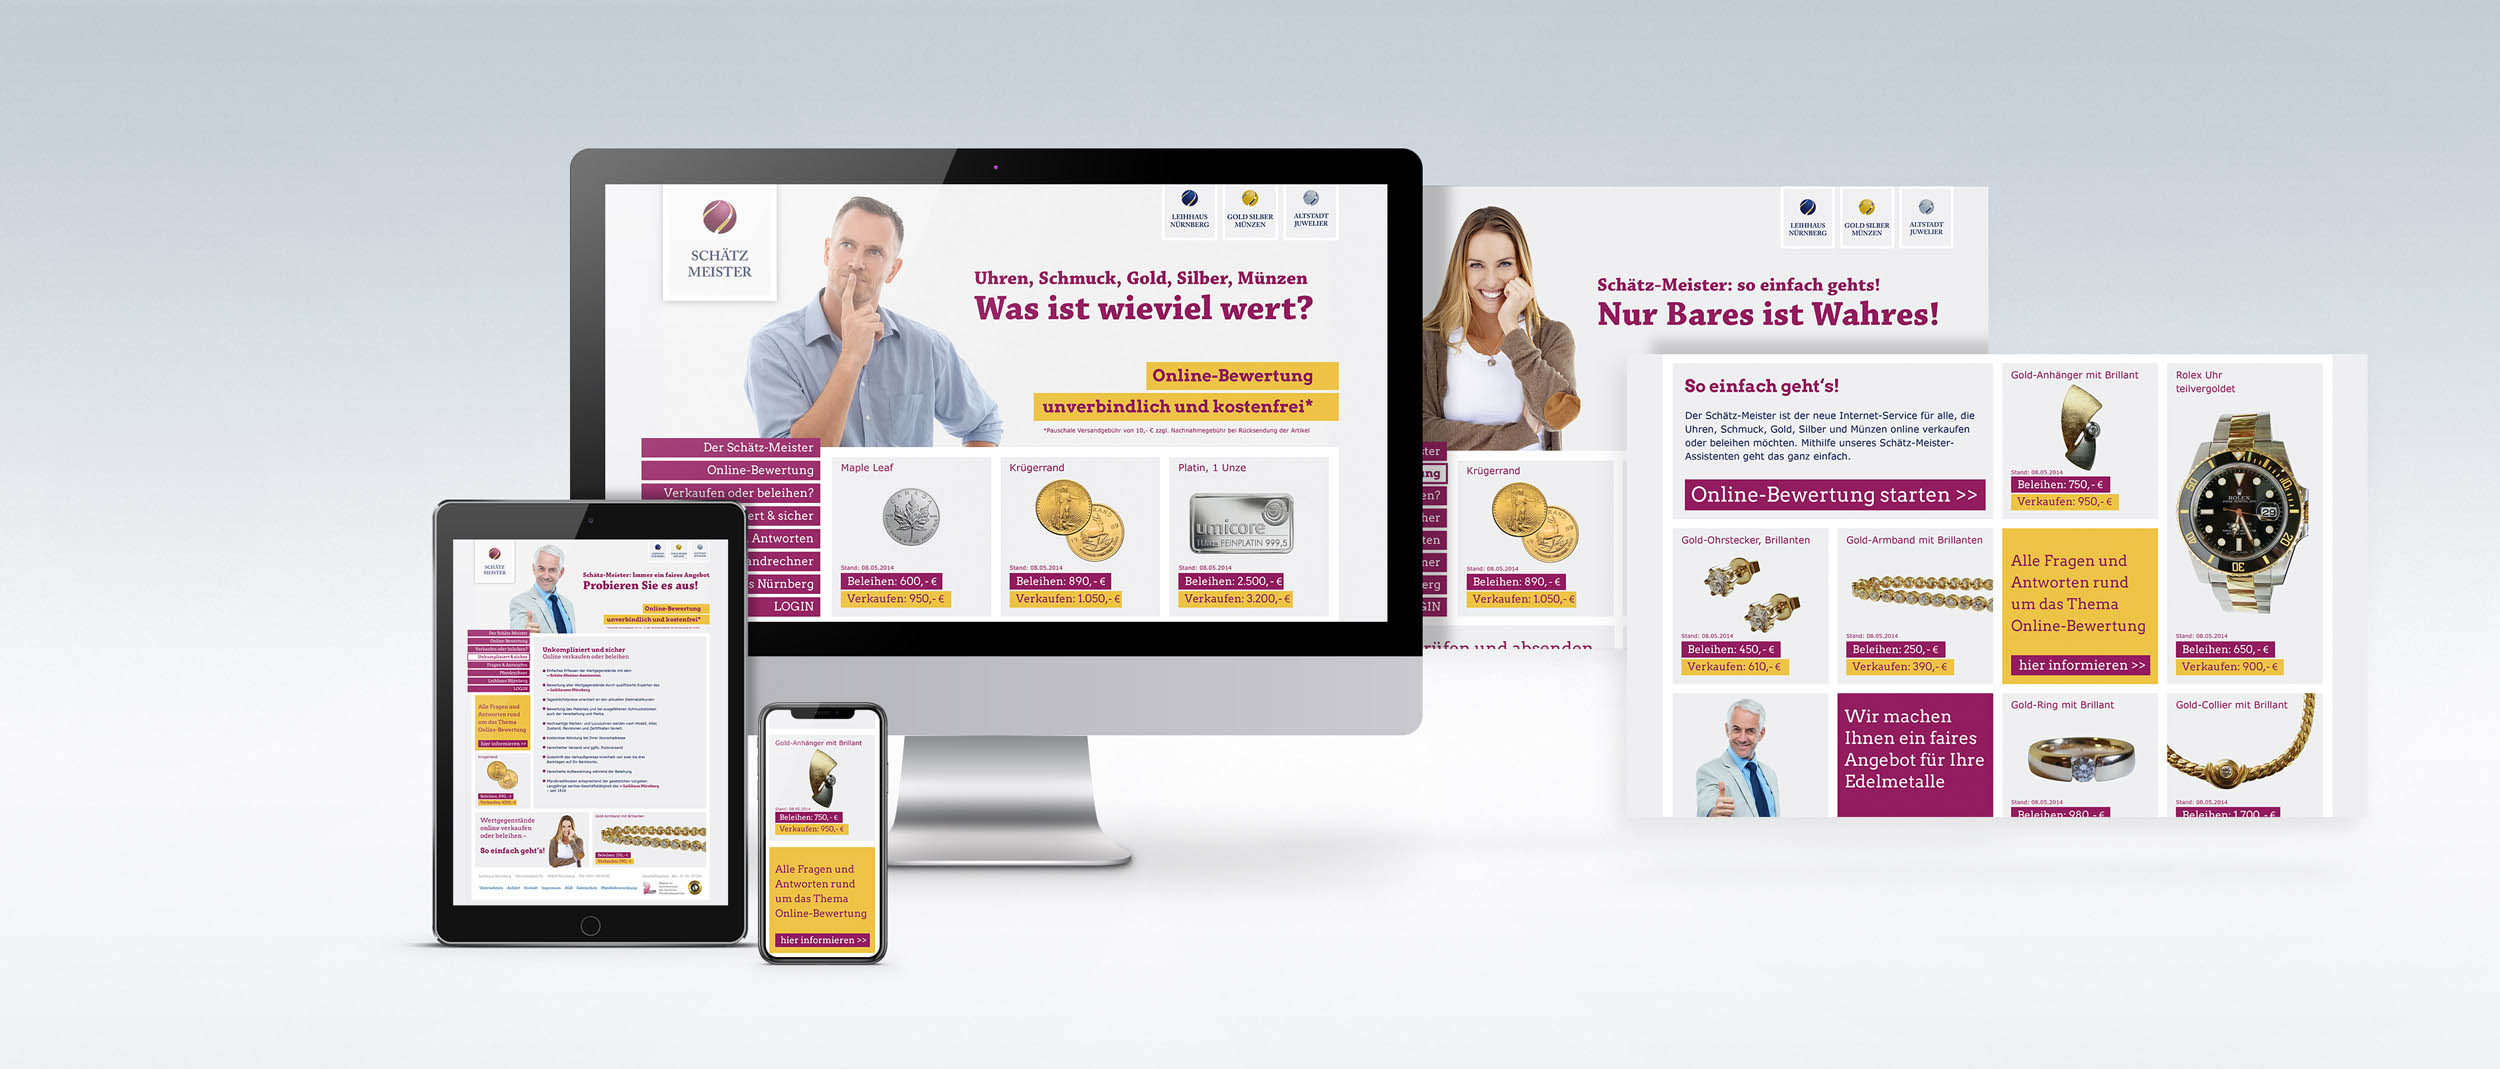 Für den Schätzmeister konzipierte und realisierte REINGOLD die komplette Werbung.